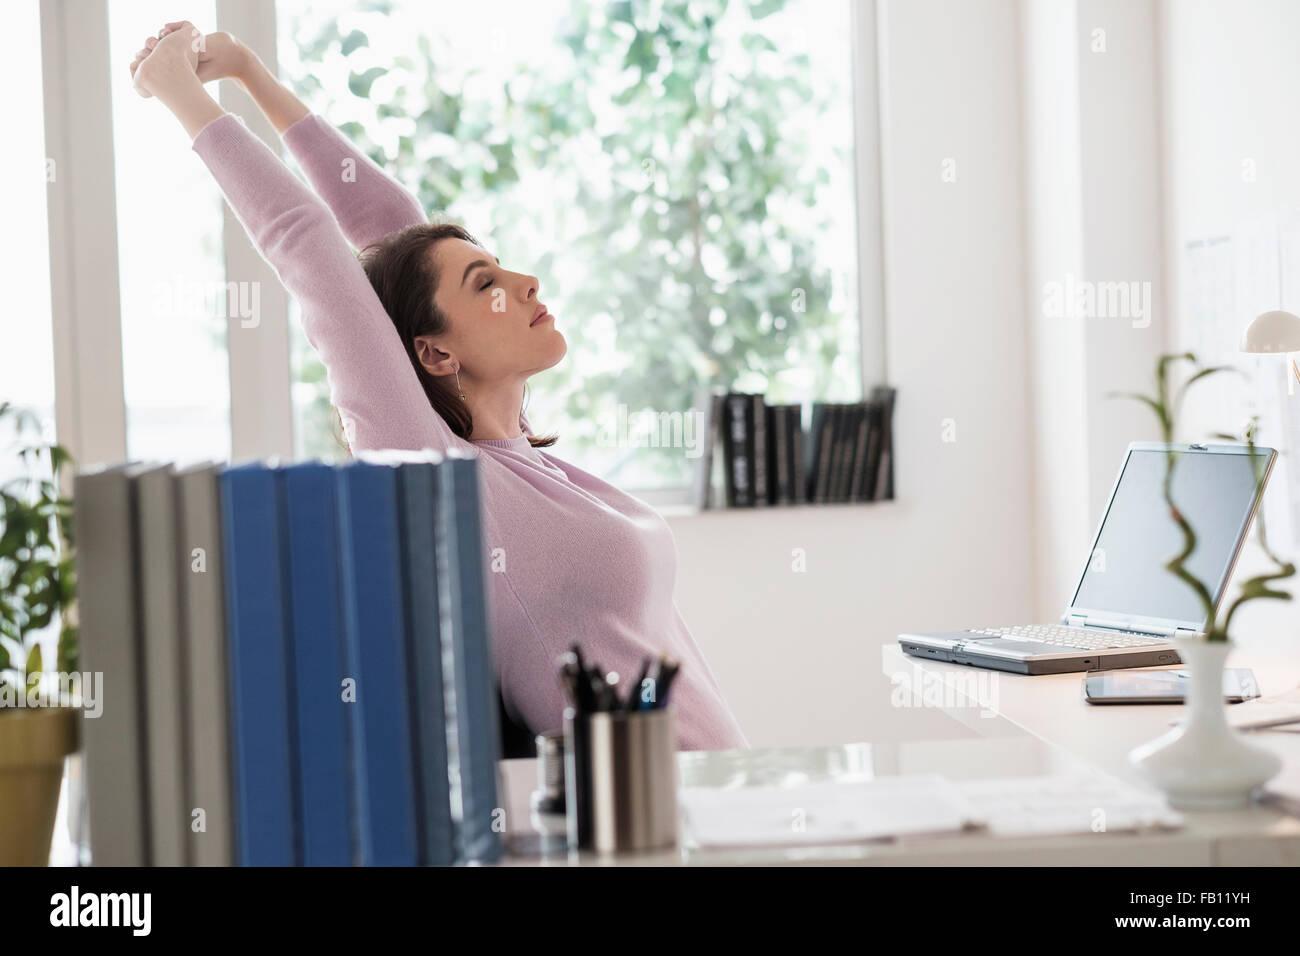 Junge Frau erstreckt sich vom Schreibtisch Stockbild